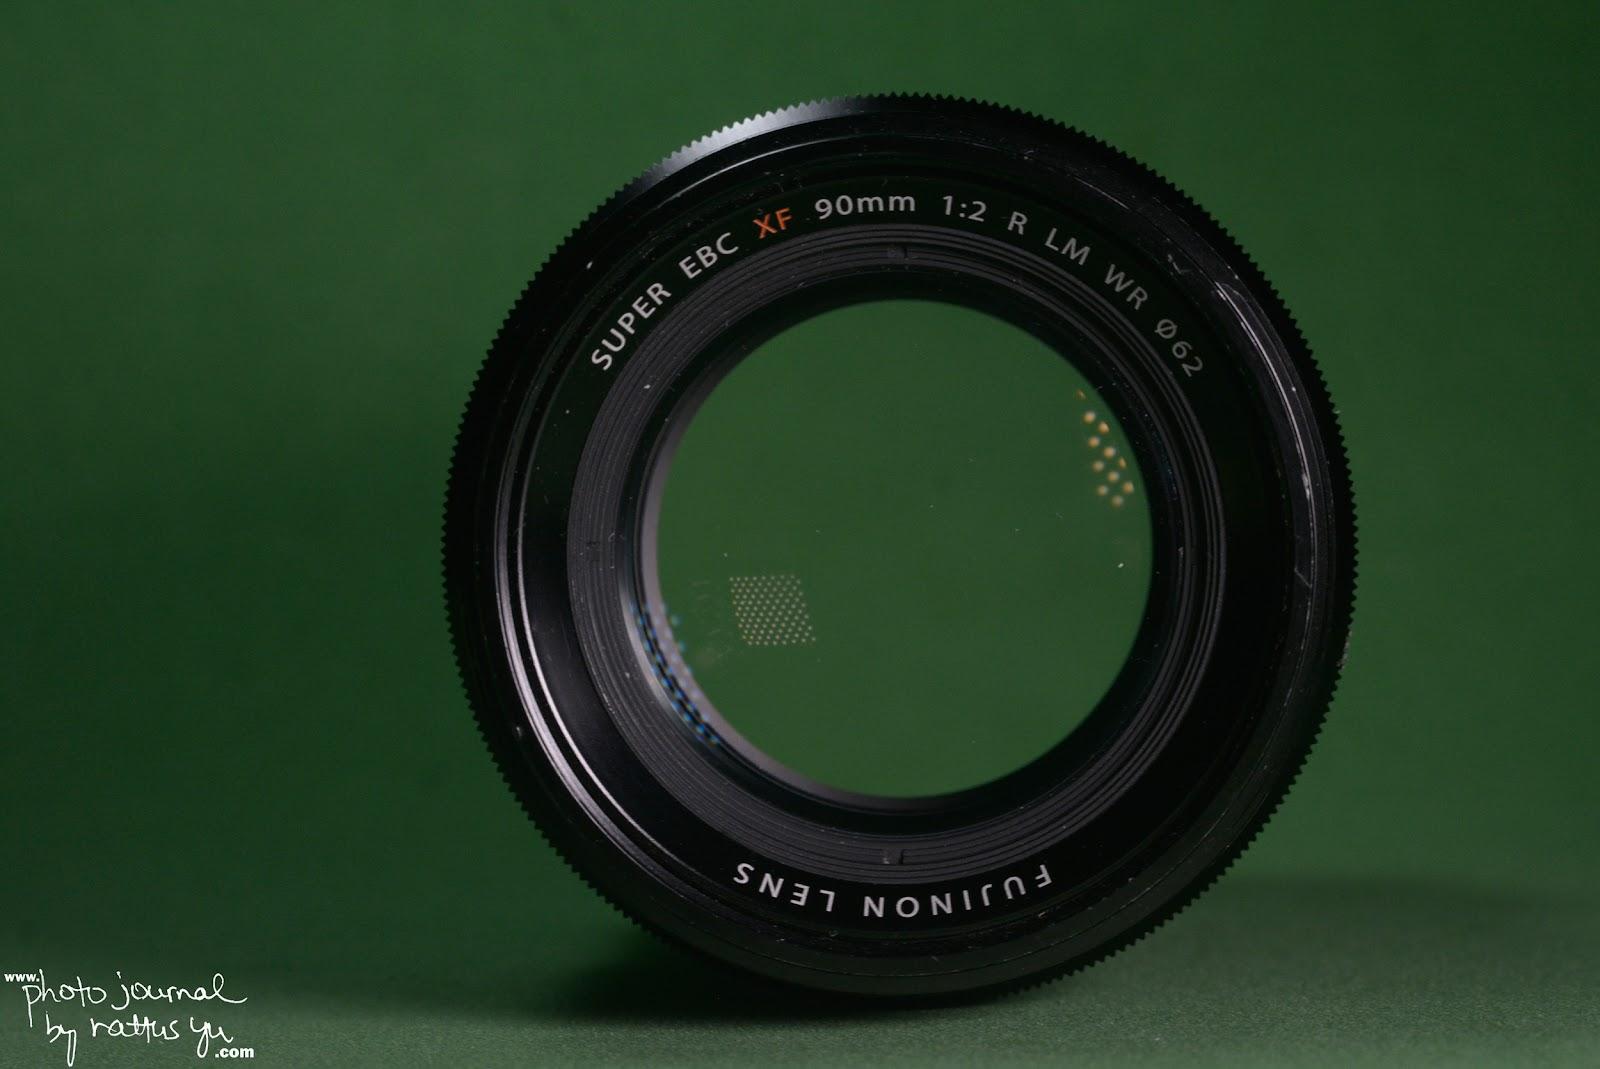 FUJINON Super EBC XF 90mm f/2, telephoto portrait prime lens